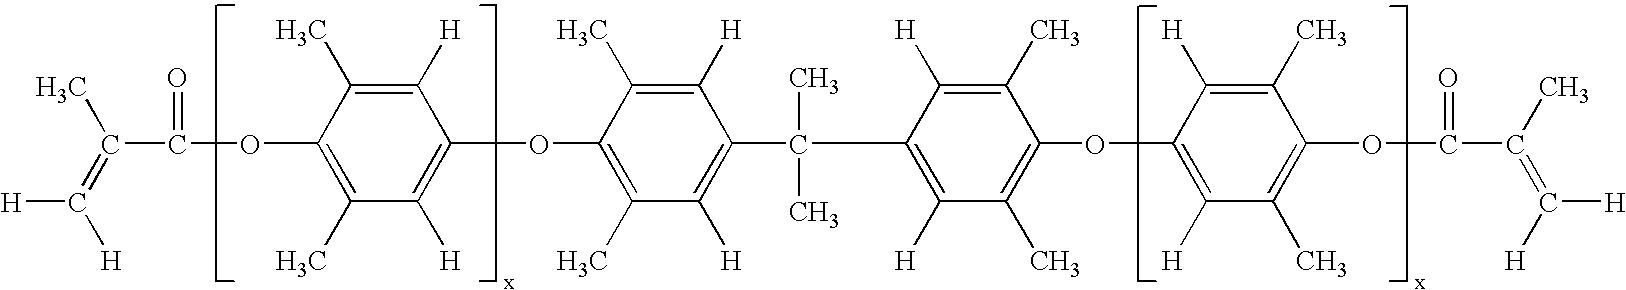 Figure US20080051522A1-20080228-C00030